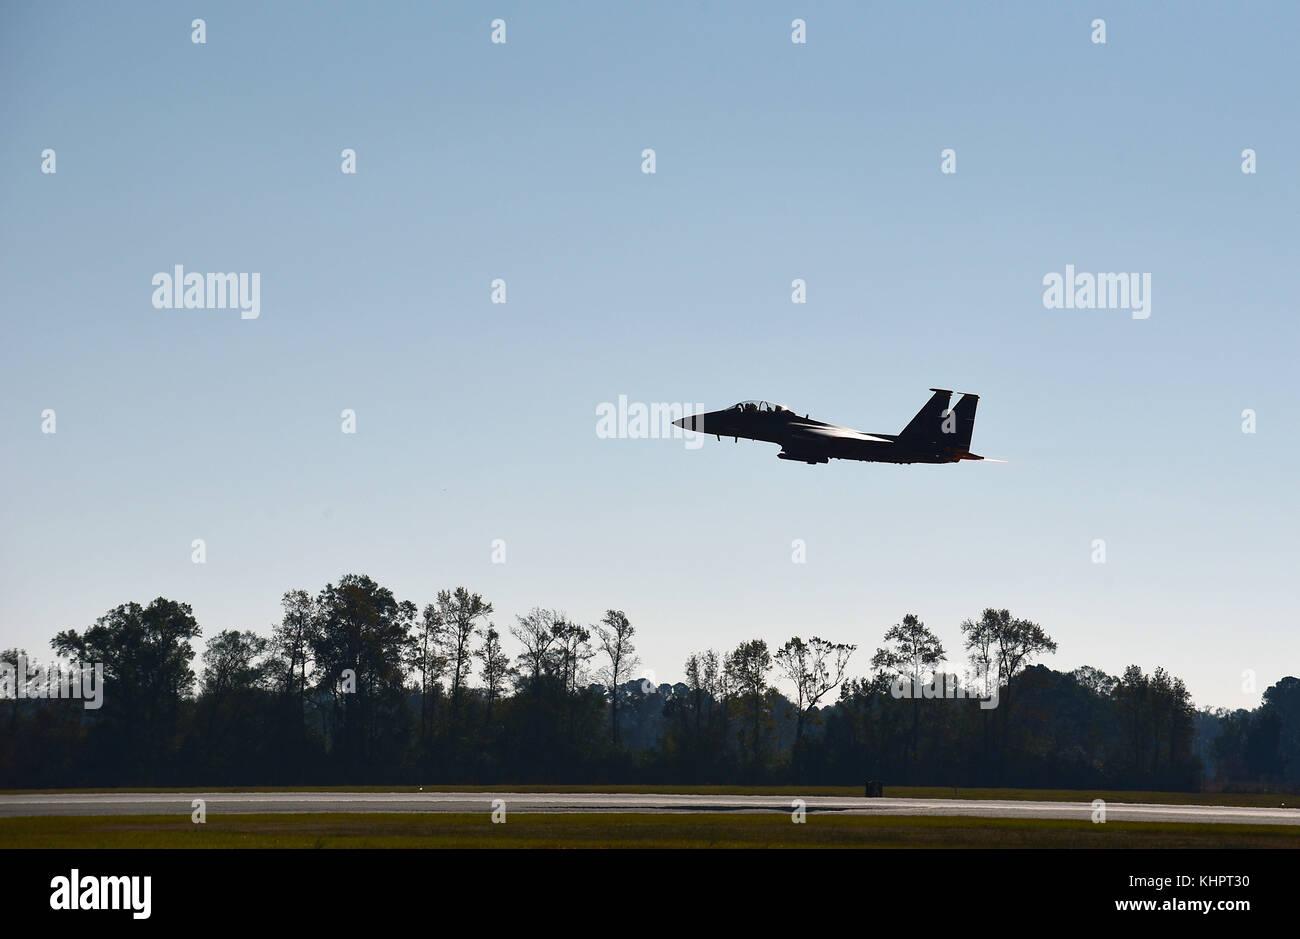 F15E TALON WINDOWS 7 X64 DRIVER DOWNLOAD